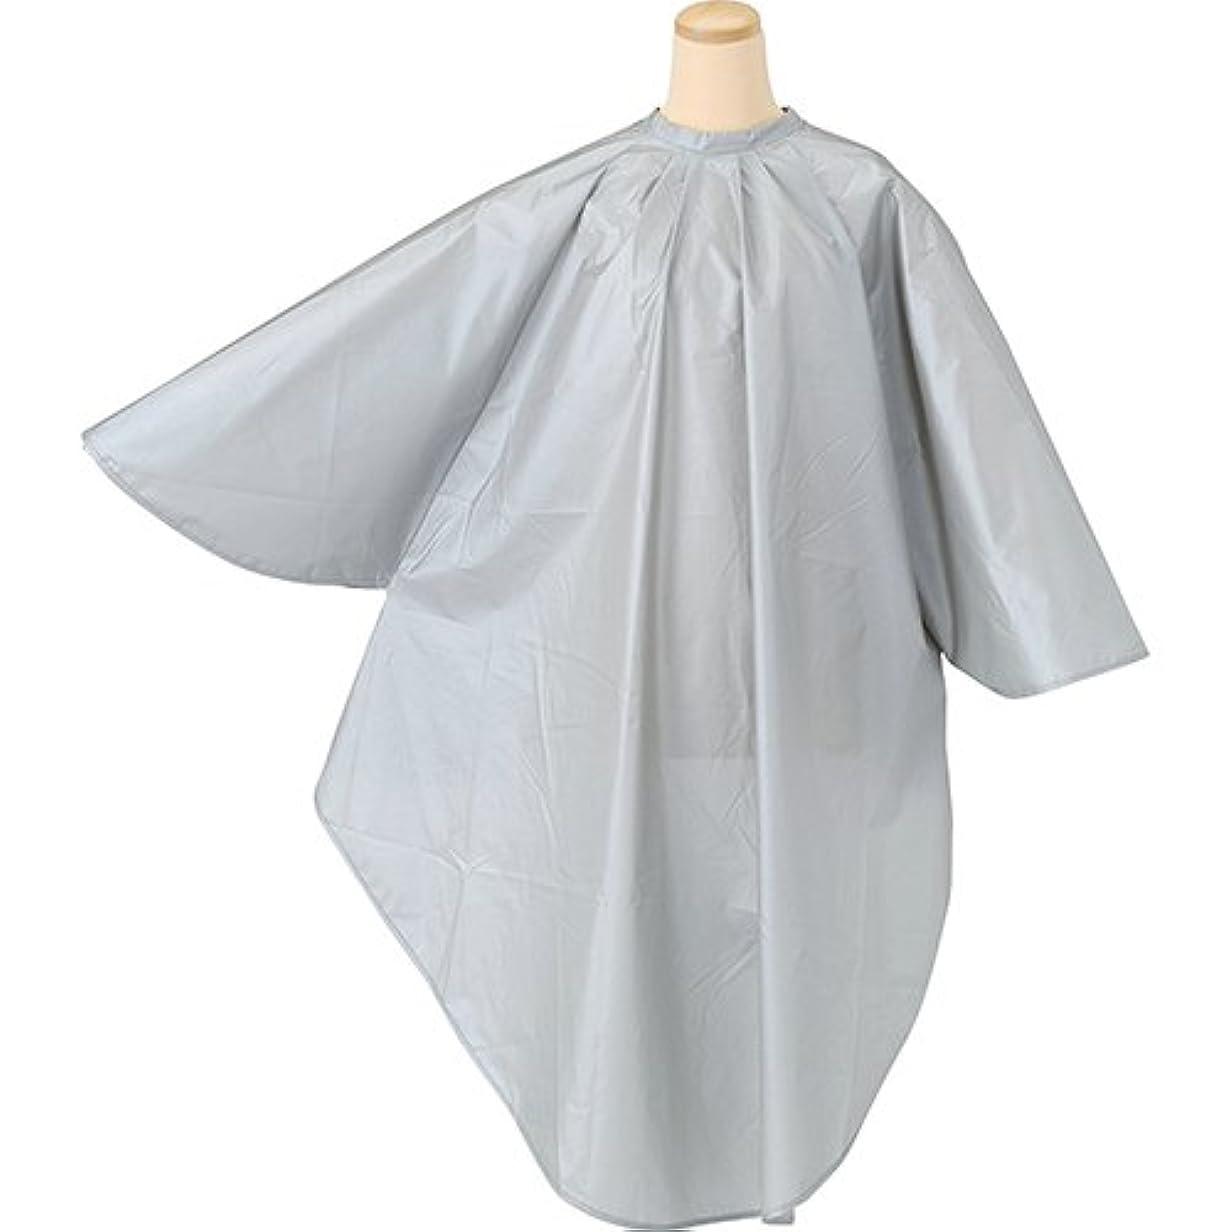 教育学クランプ東ティモールTBG 袖付きカットクロスATD グレー